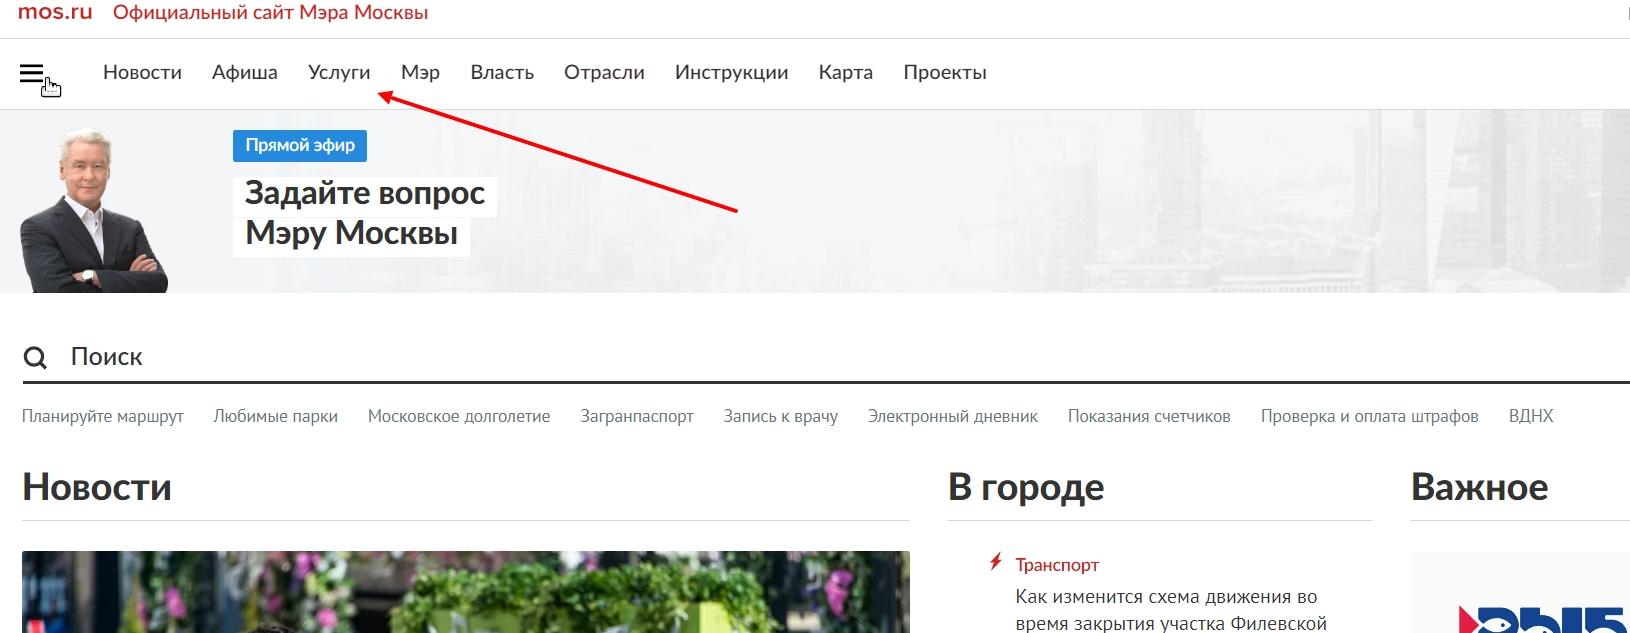 Услуги портала московских государственных услуг